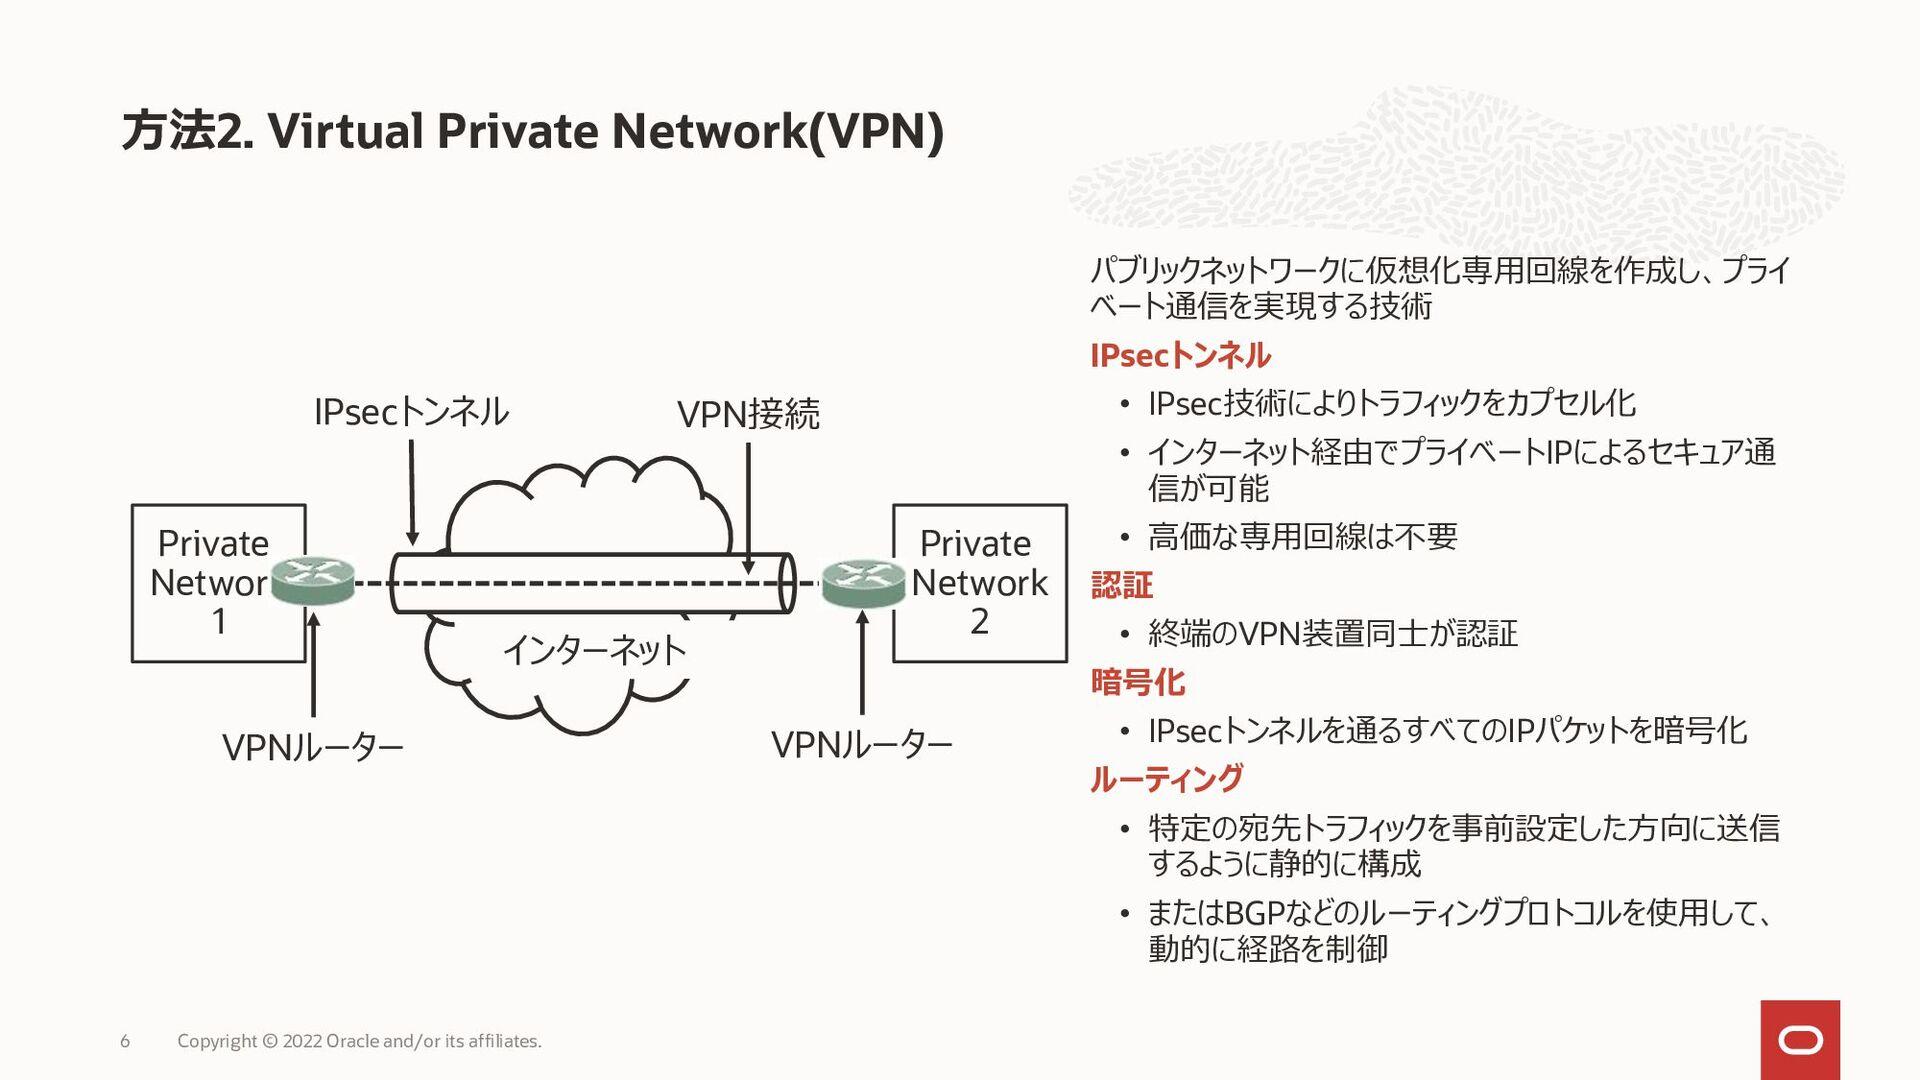 IPsec • IPsec • IP • • VPN • IPsec IP • • BGP 2...